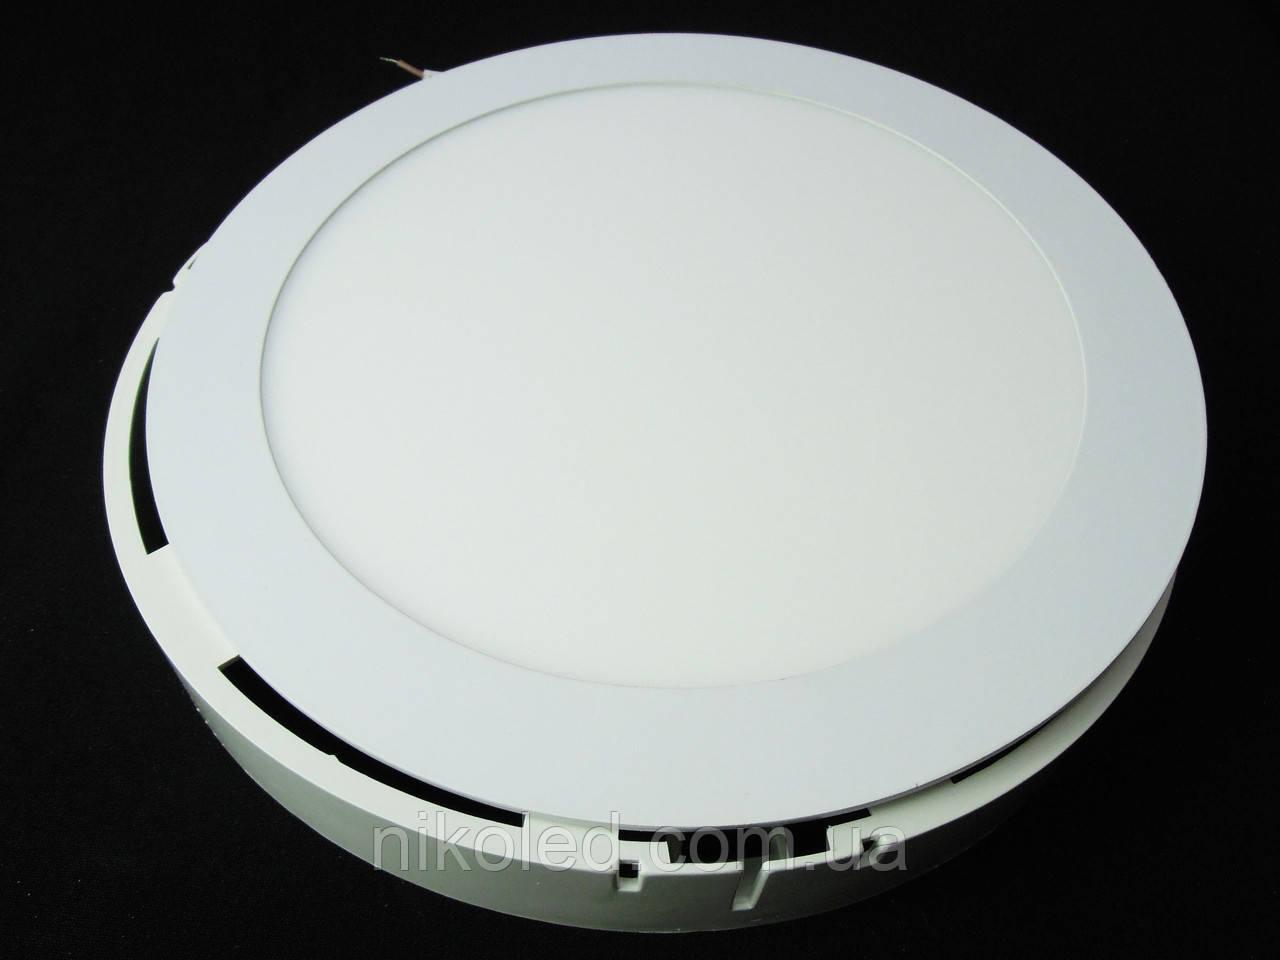 Світильник накладної LED 18W коло 4000К,3000К пластик